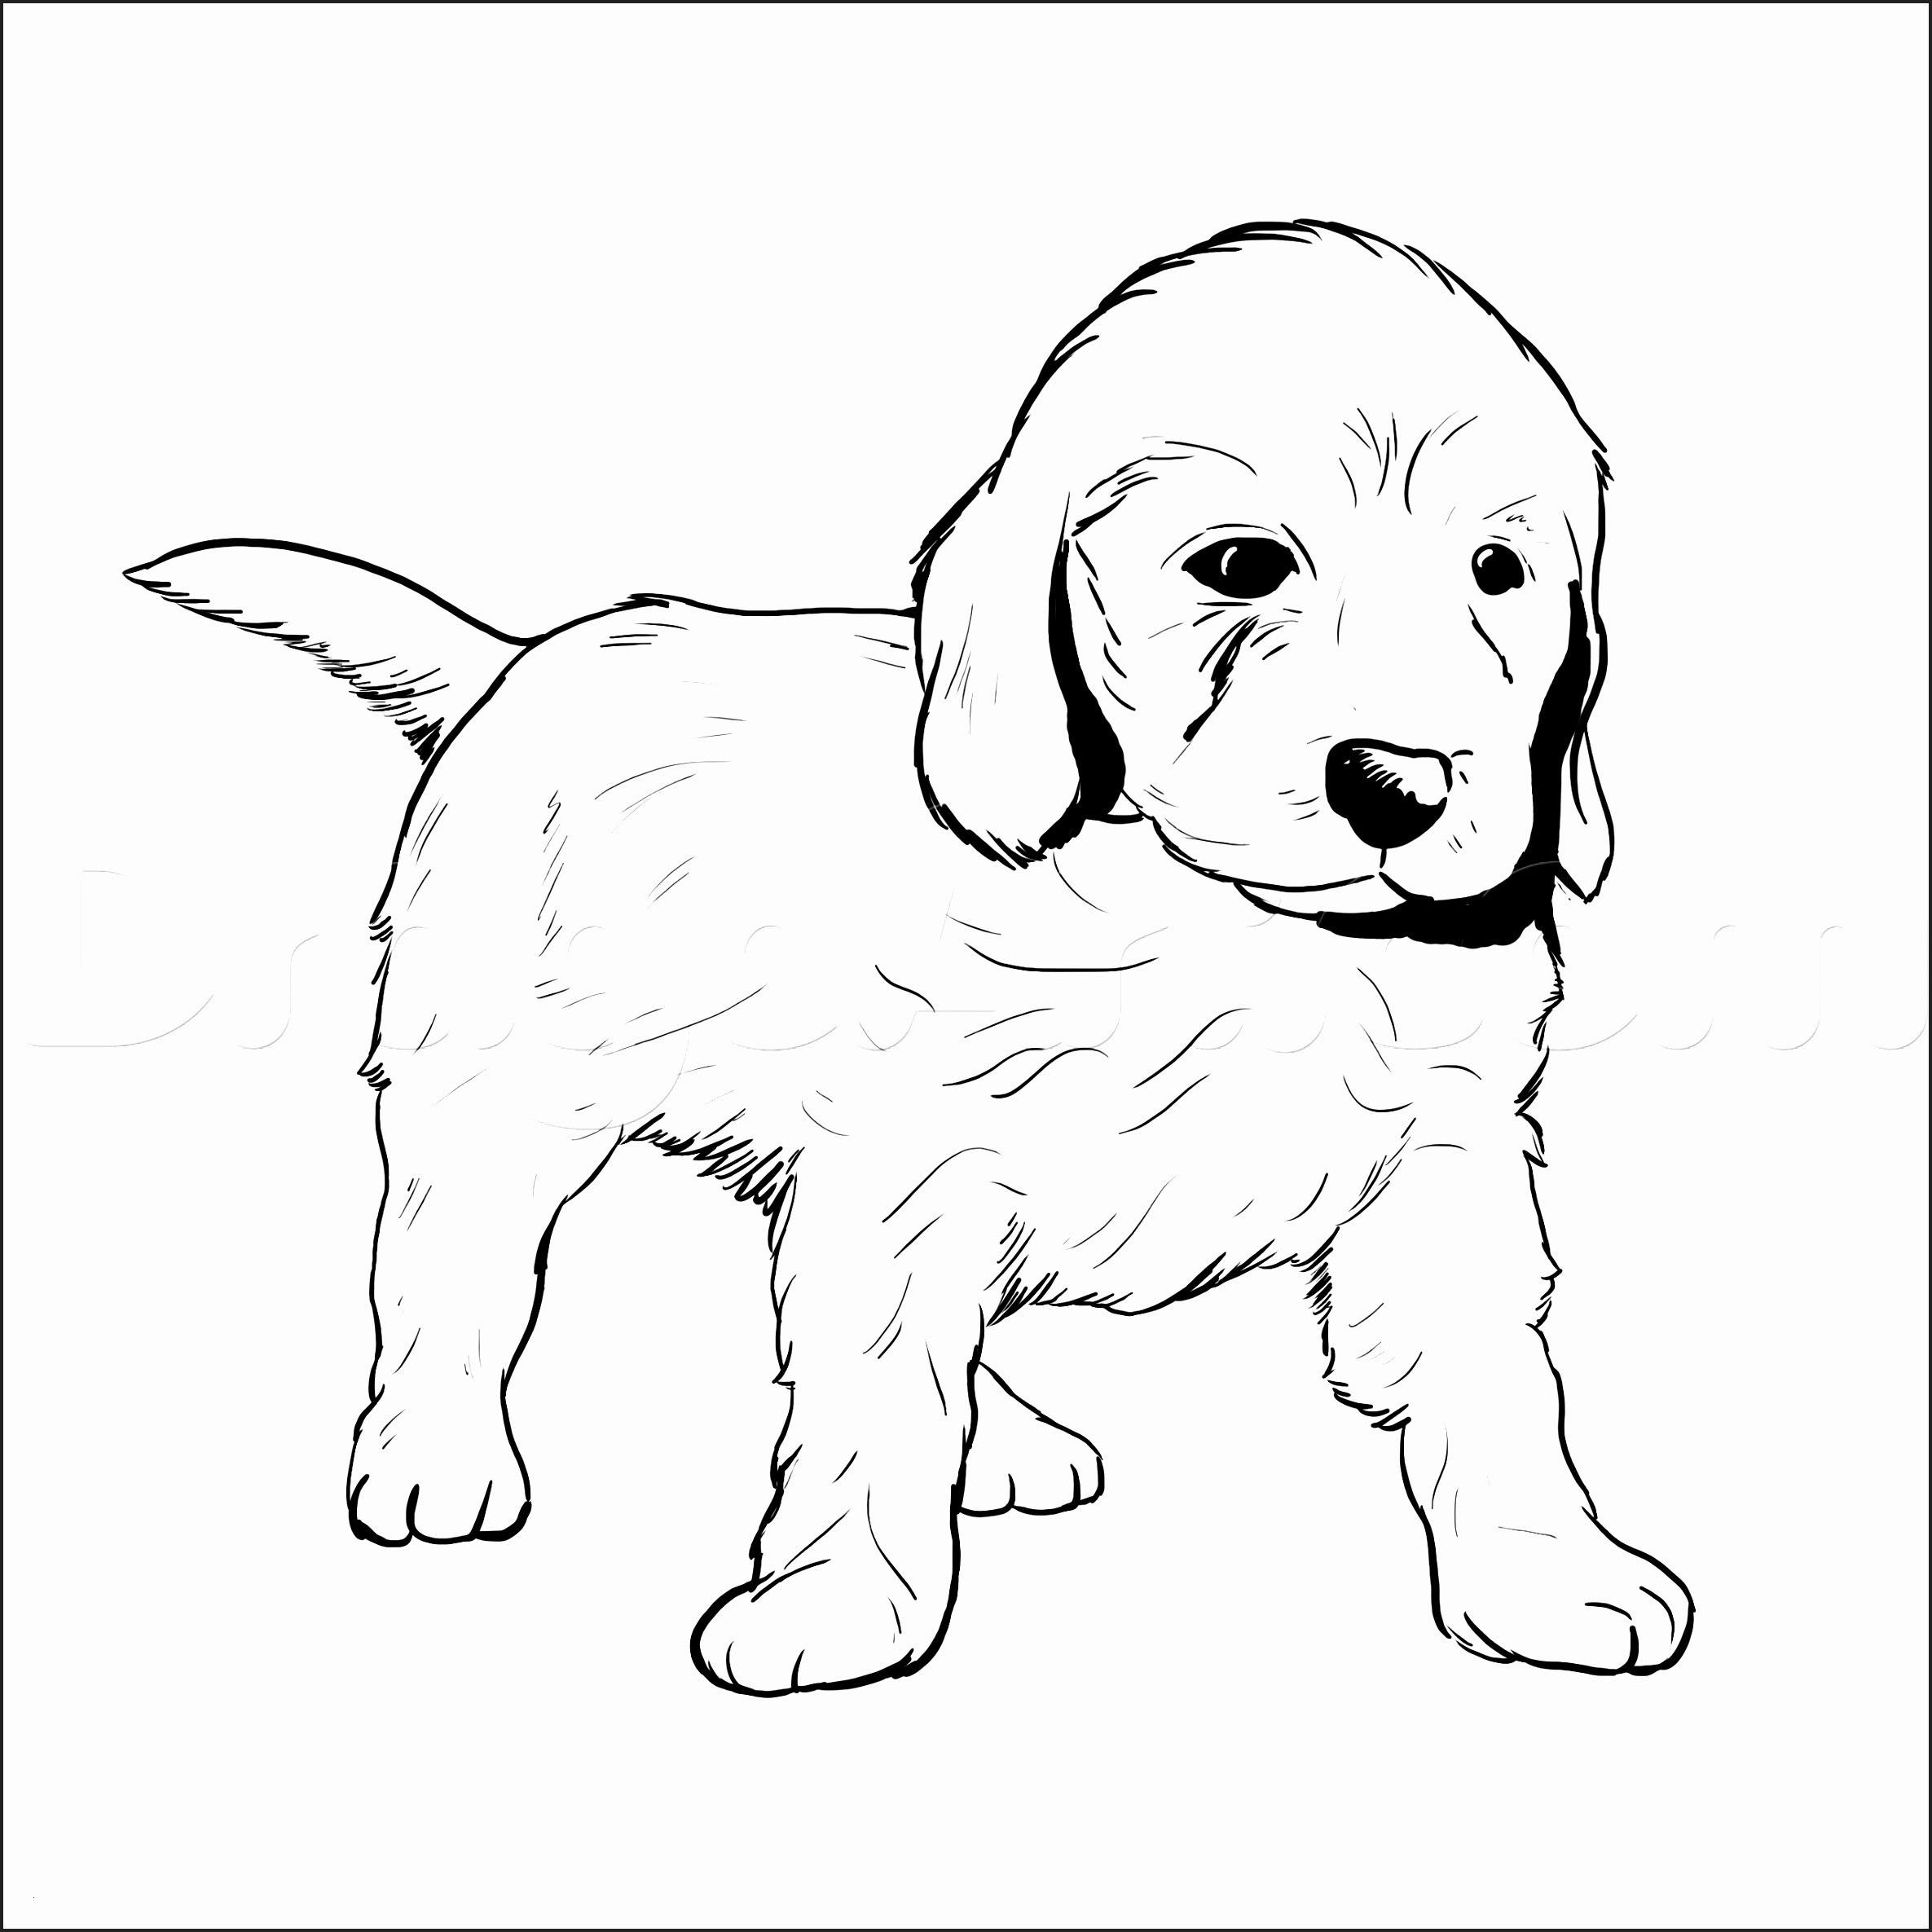 Ausmalbilder Zum Ausdrucken Hunde Inspirierend Ausmalbilder Hunde Golden Retriever Frisch tolle Golden Retriever Das Bild